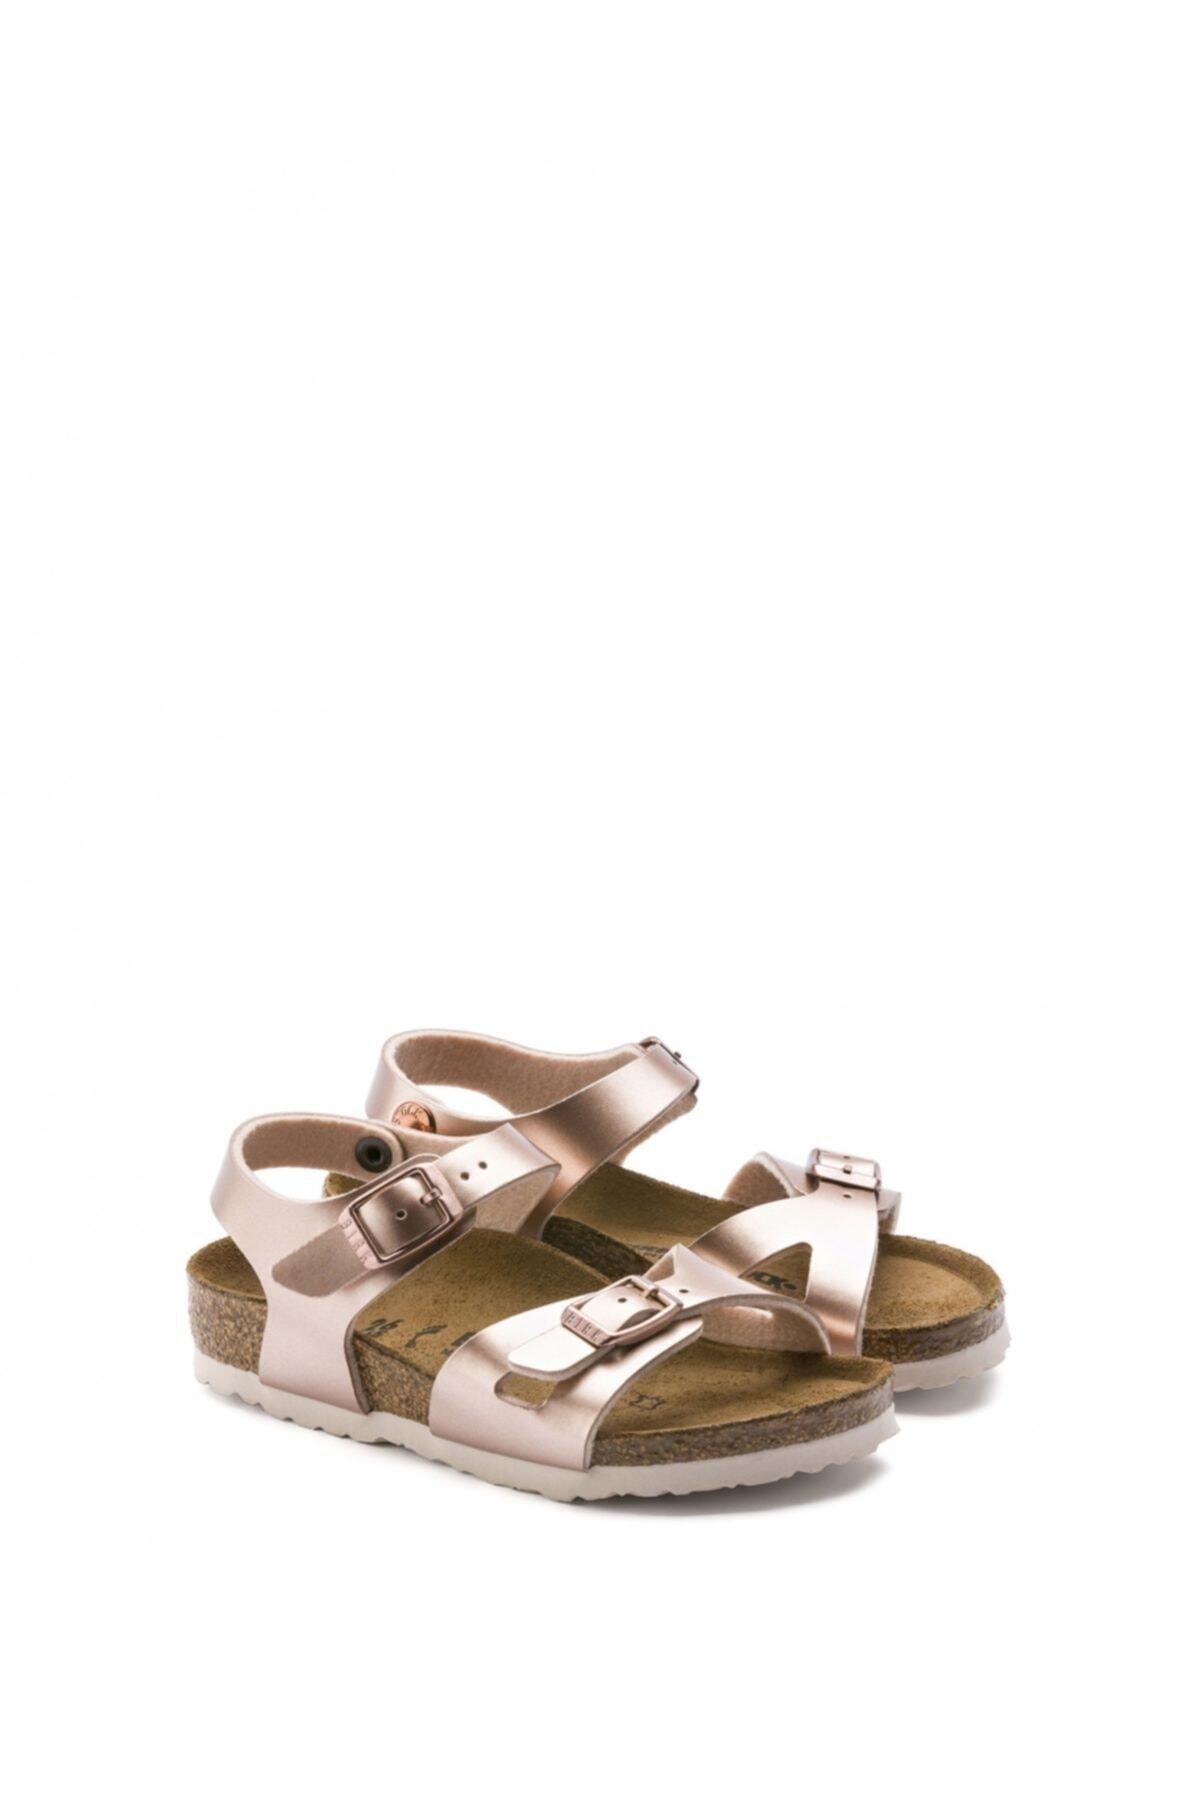 Birkenstock Rıo Kıds Bakır Sandalet 19Y.Ayk.Tlk.Frm.0020 2